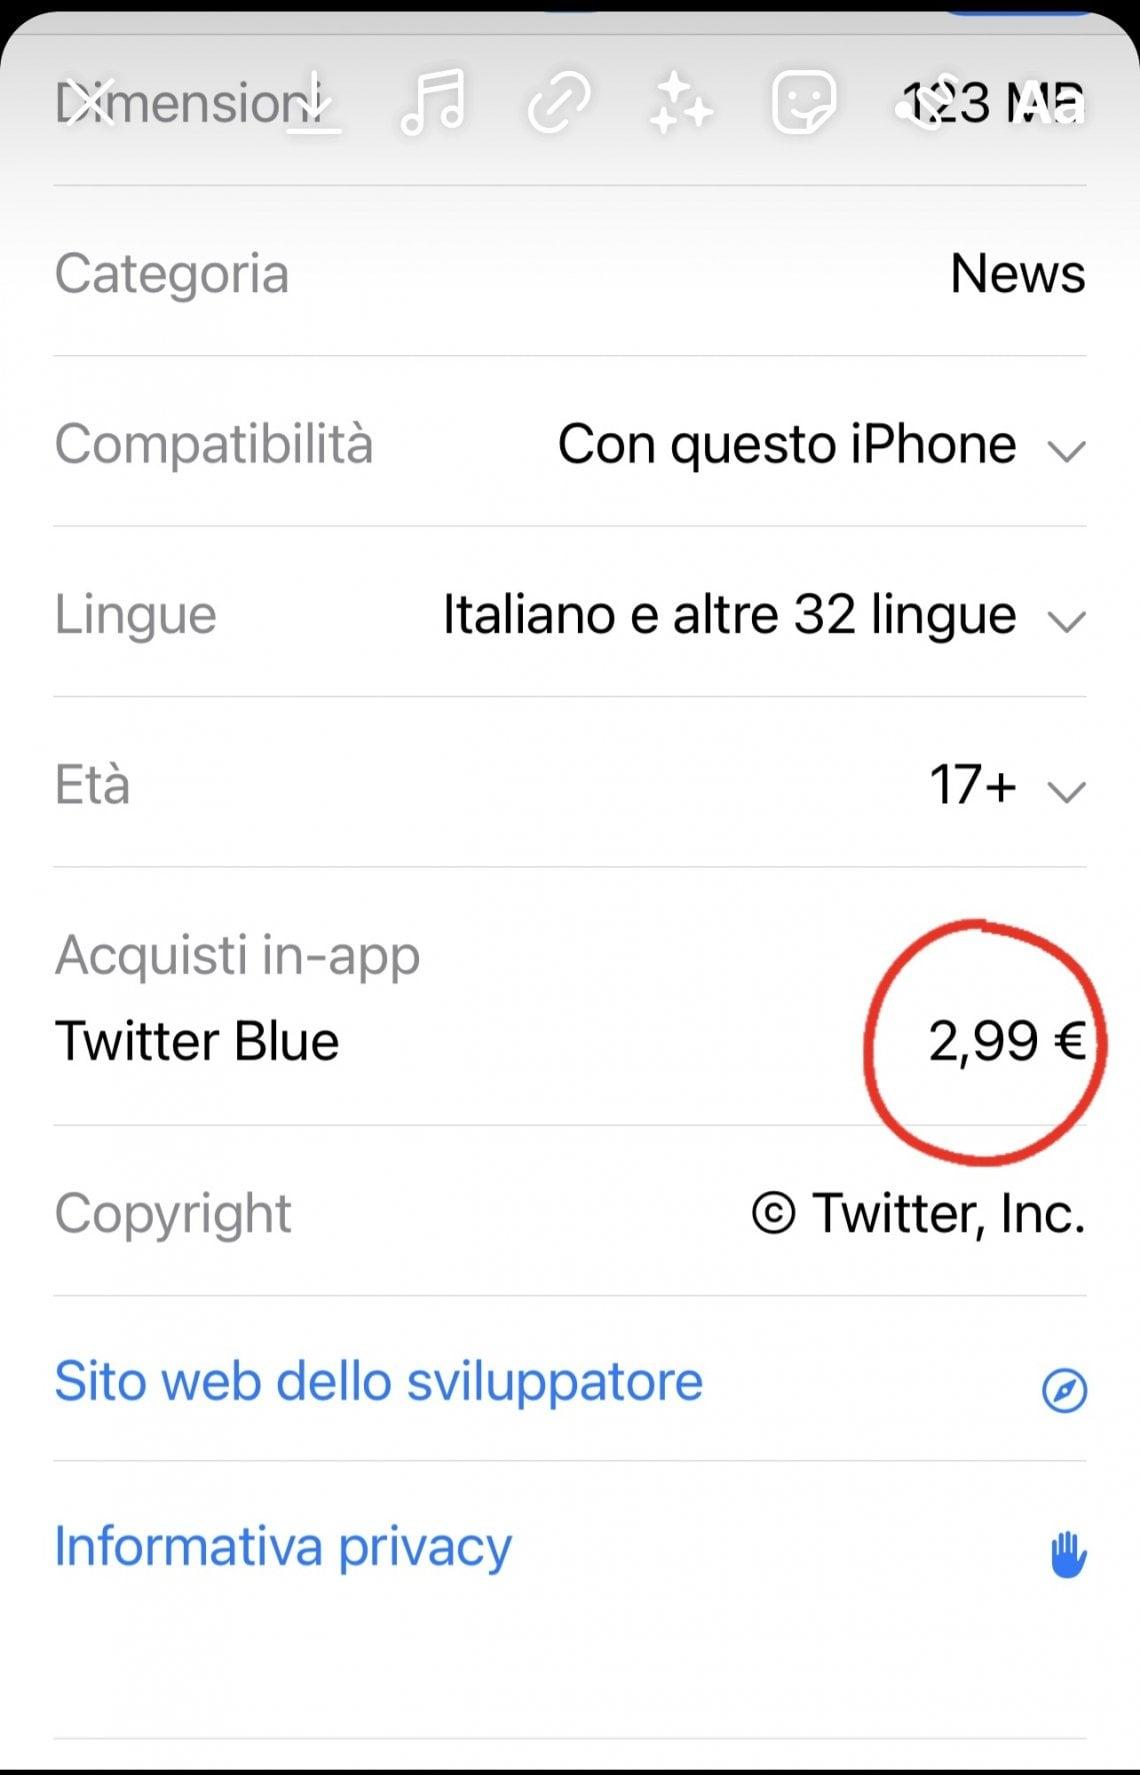 Pronta la versione premium di Twitter: pagando sarà possibile correggere i tweet